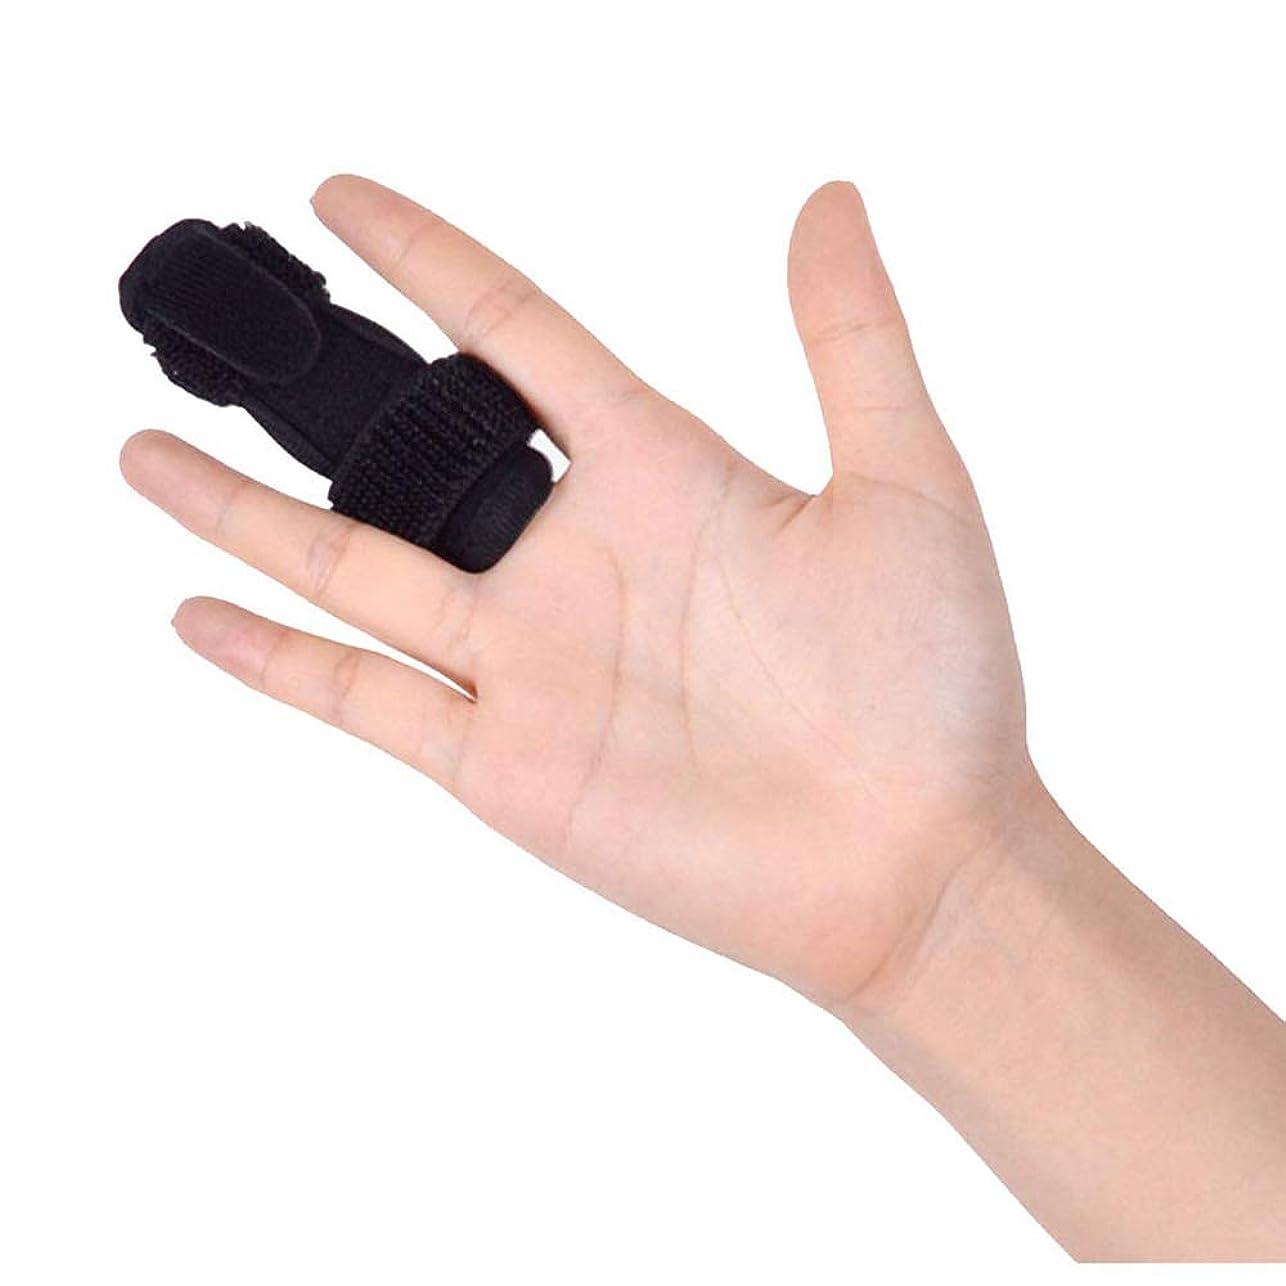 道一晩バトル指サポーター 指保護 ばね指サポーター 腱鞘炎 調整自在 気性良好 左右兼用 ブラック